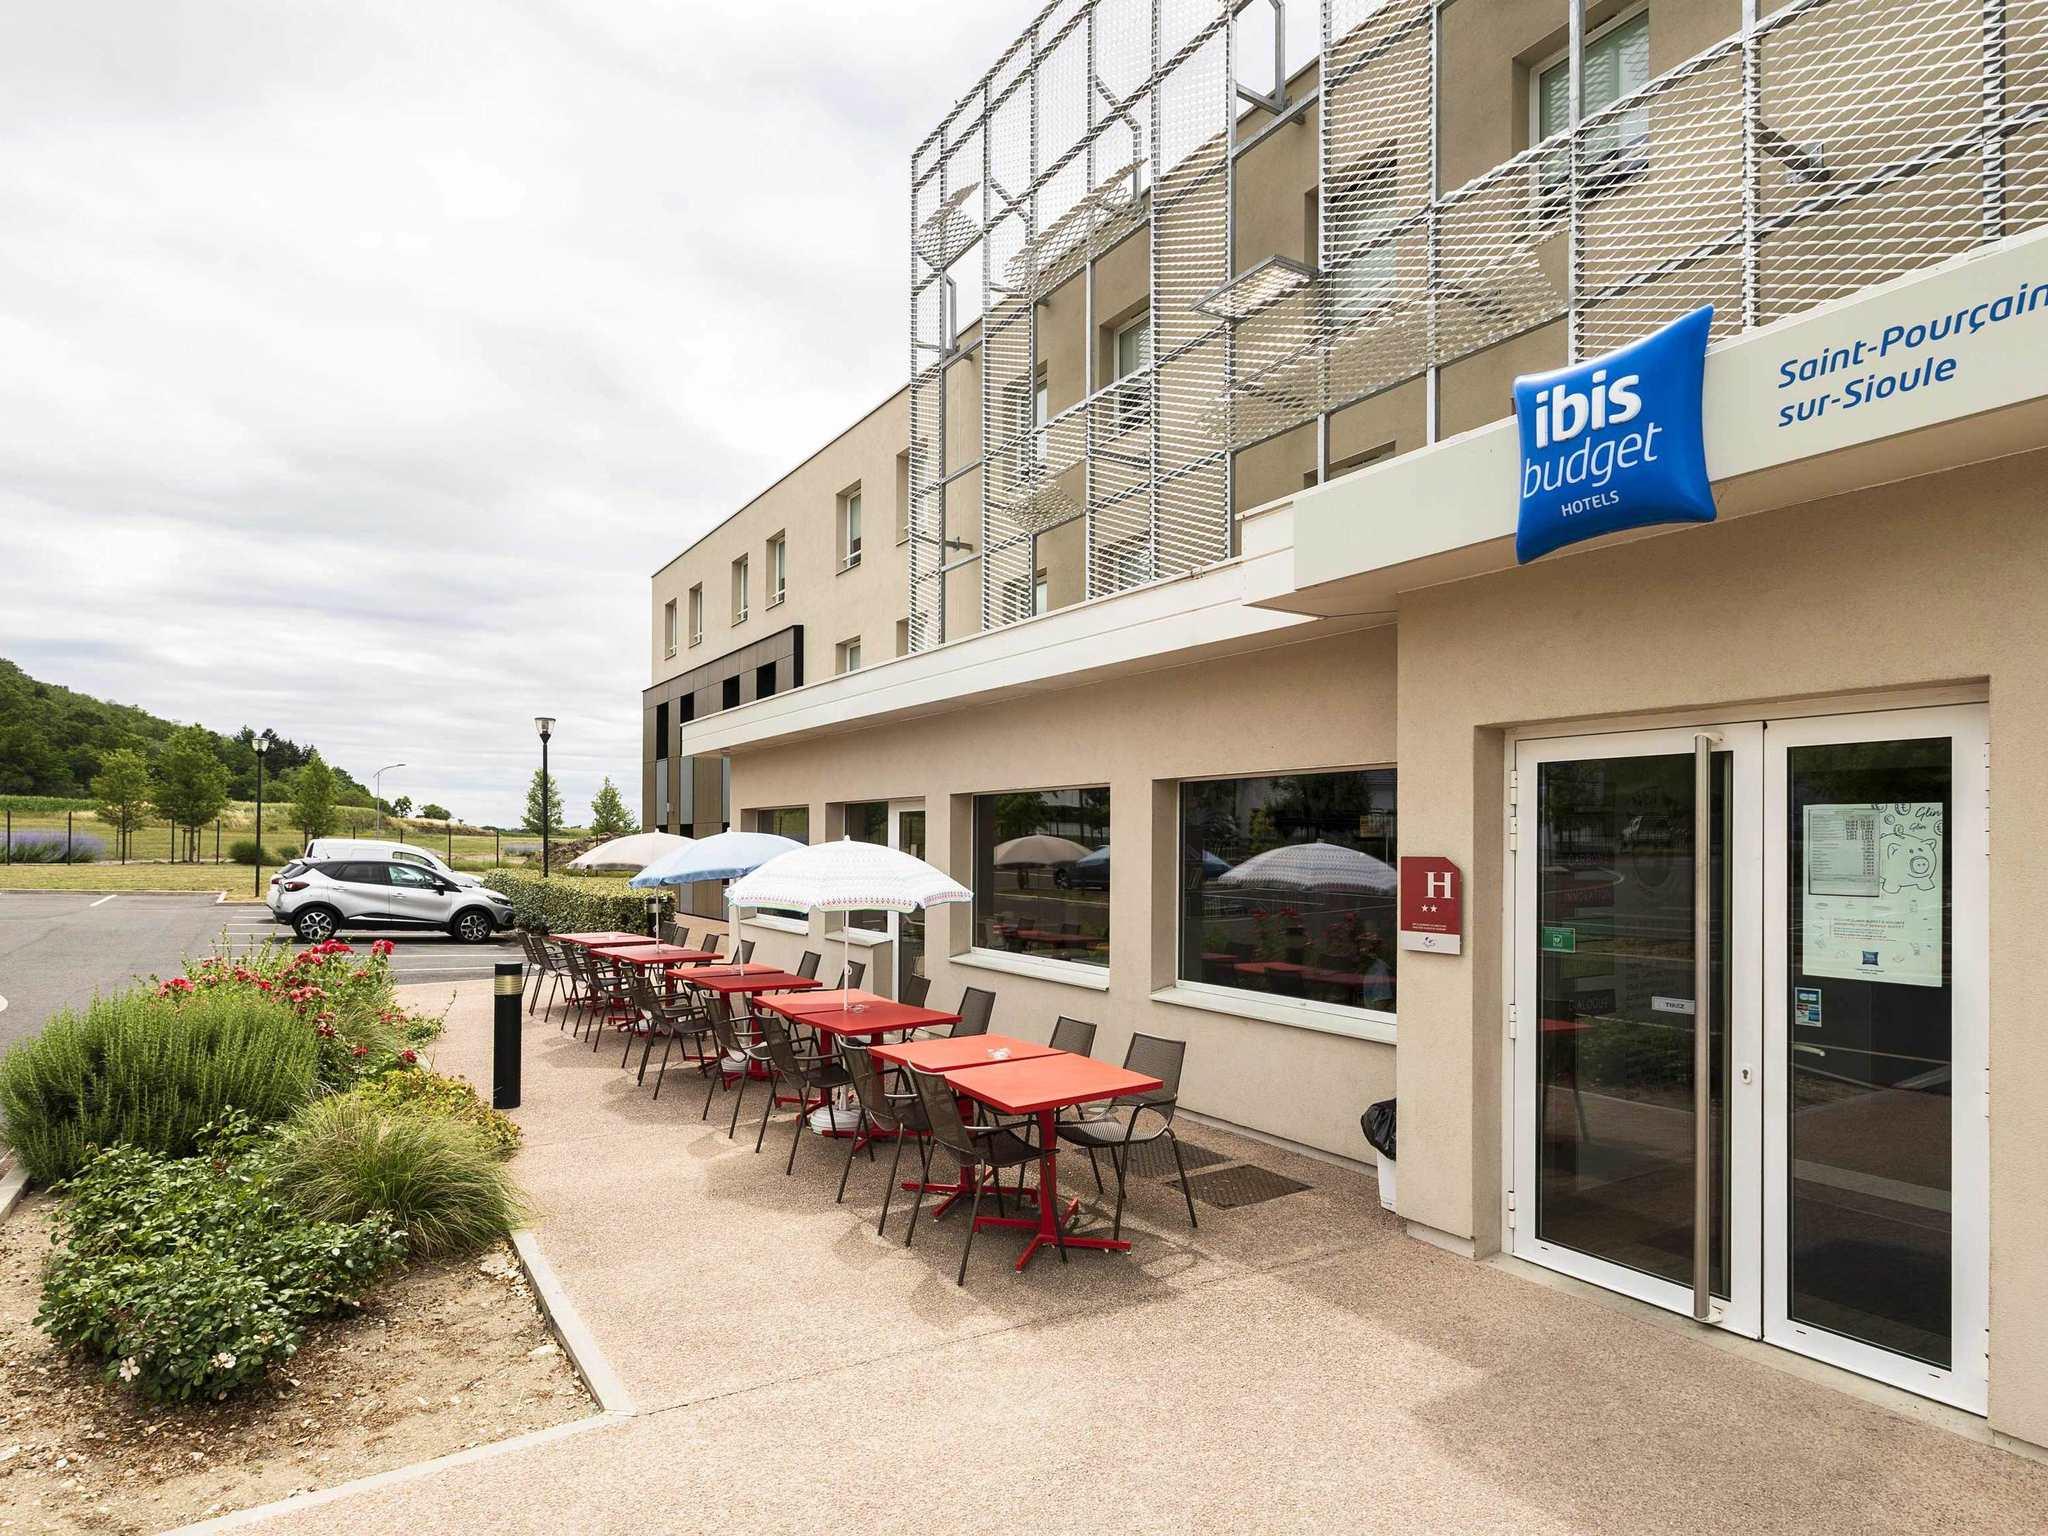 Hotel – ibis budget Saint-Pourçain-sur-Sioule